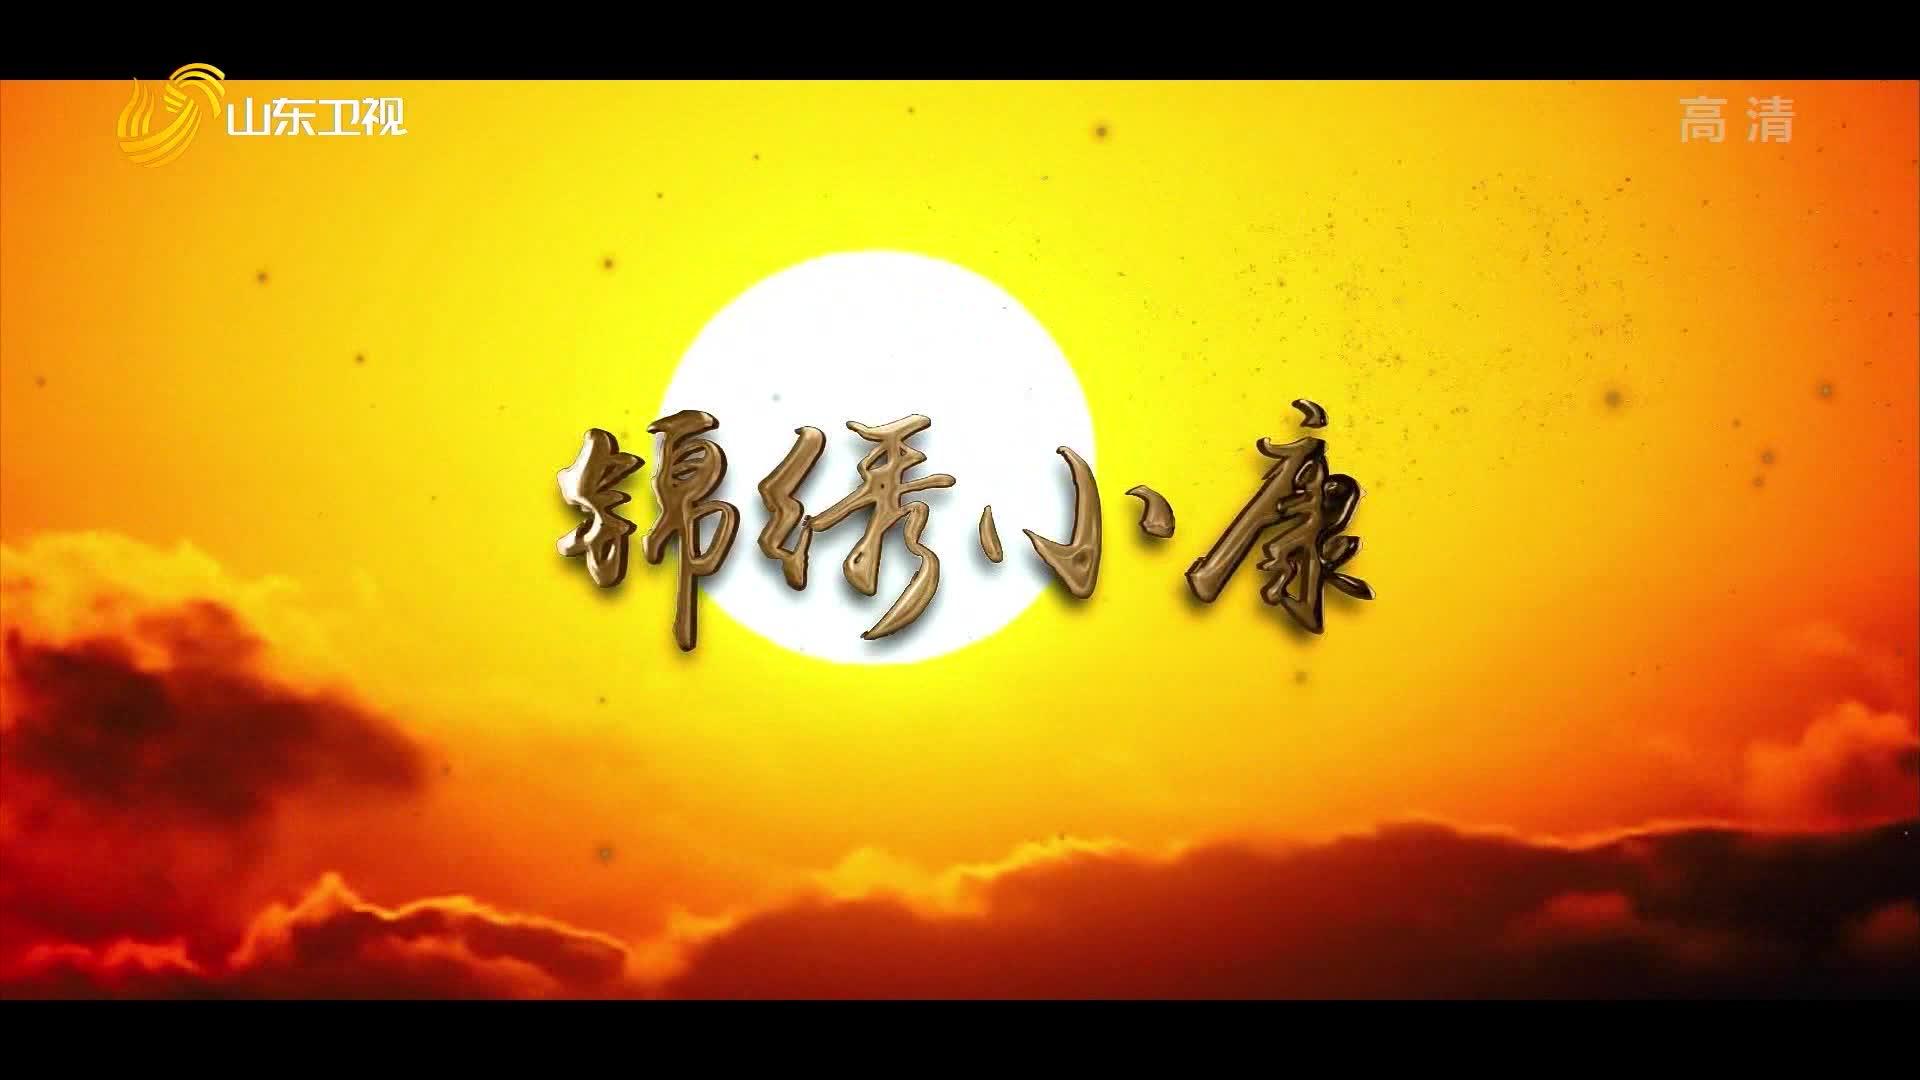 中国梦主题歌曲《锦绣小康》